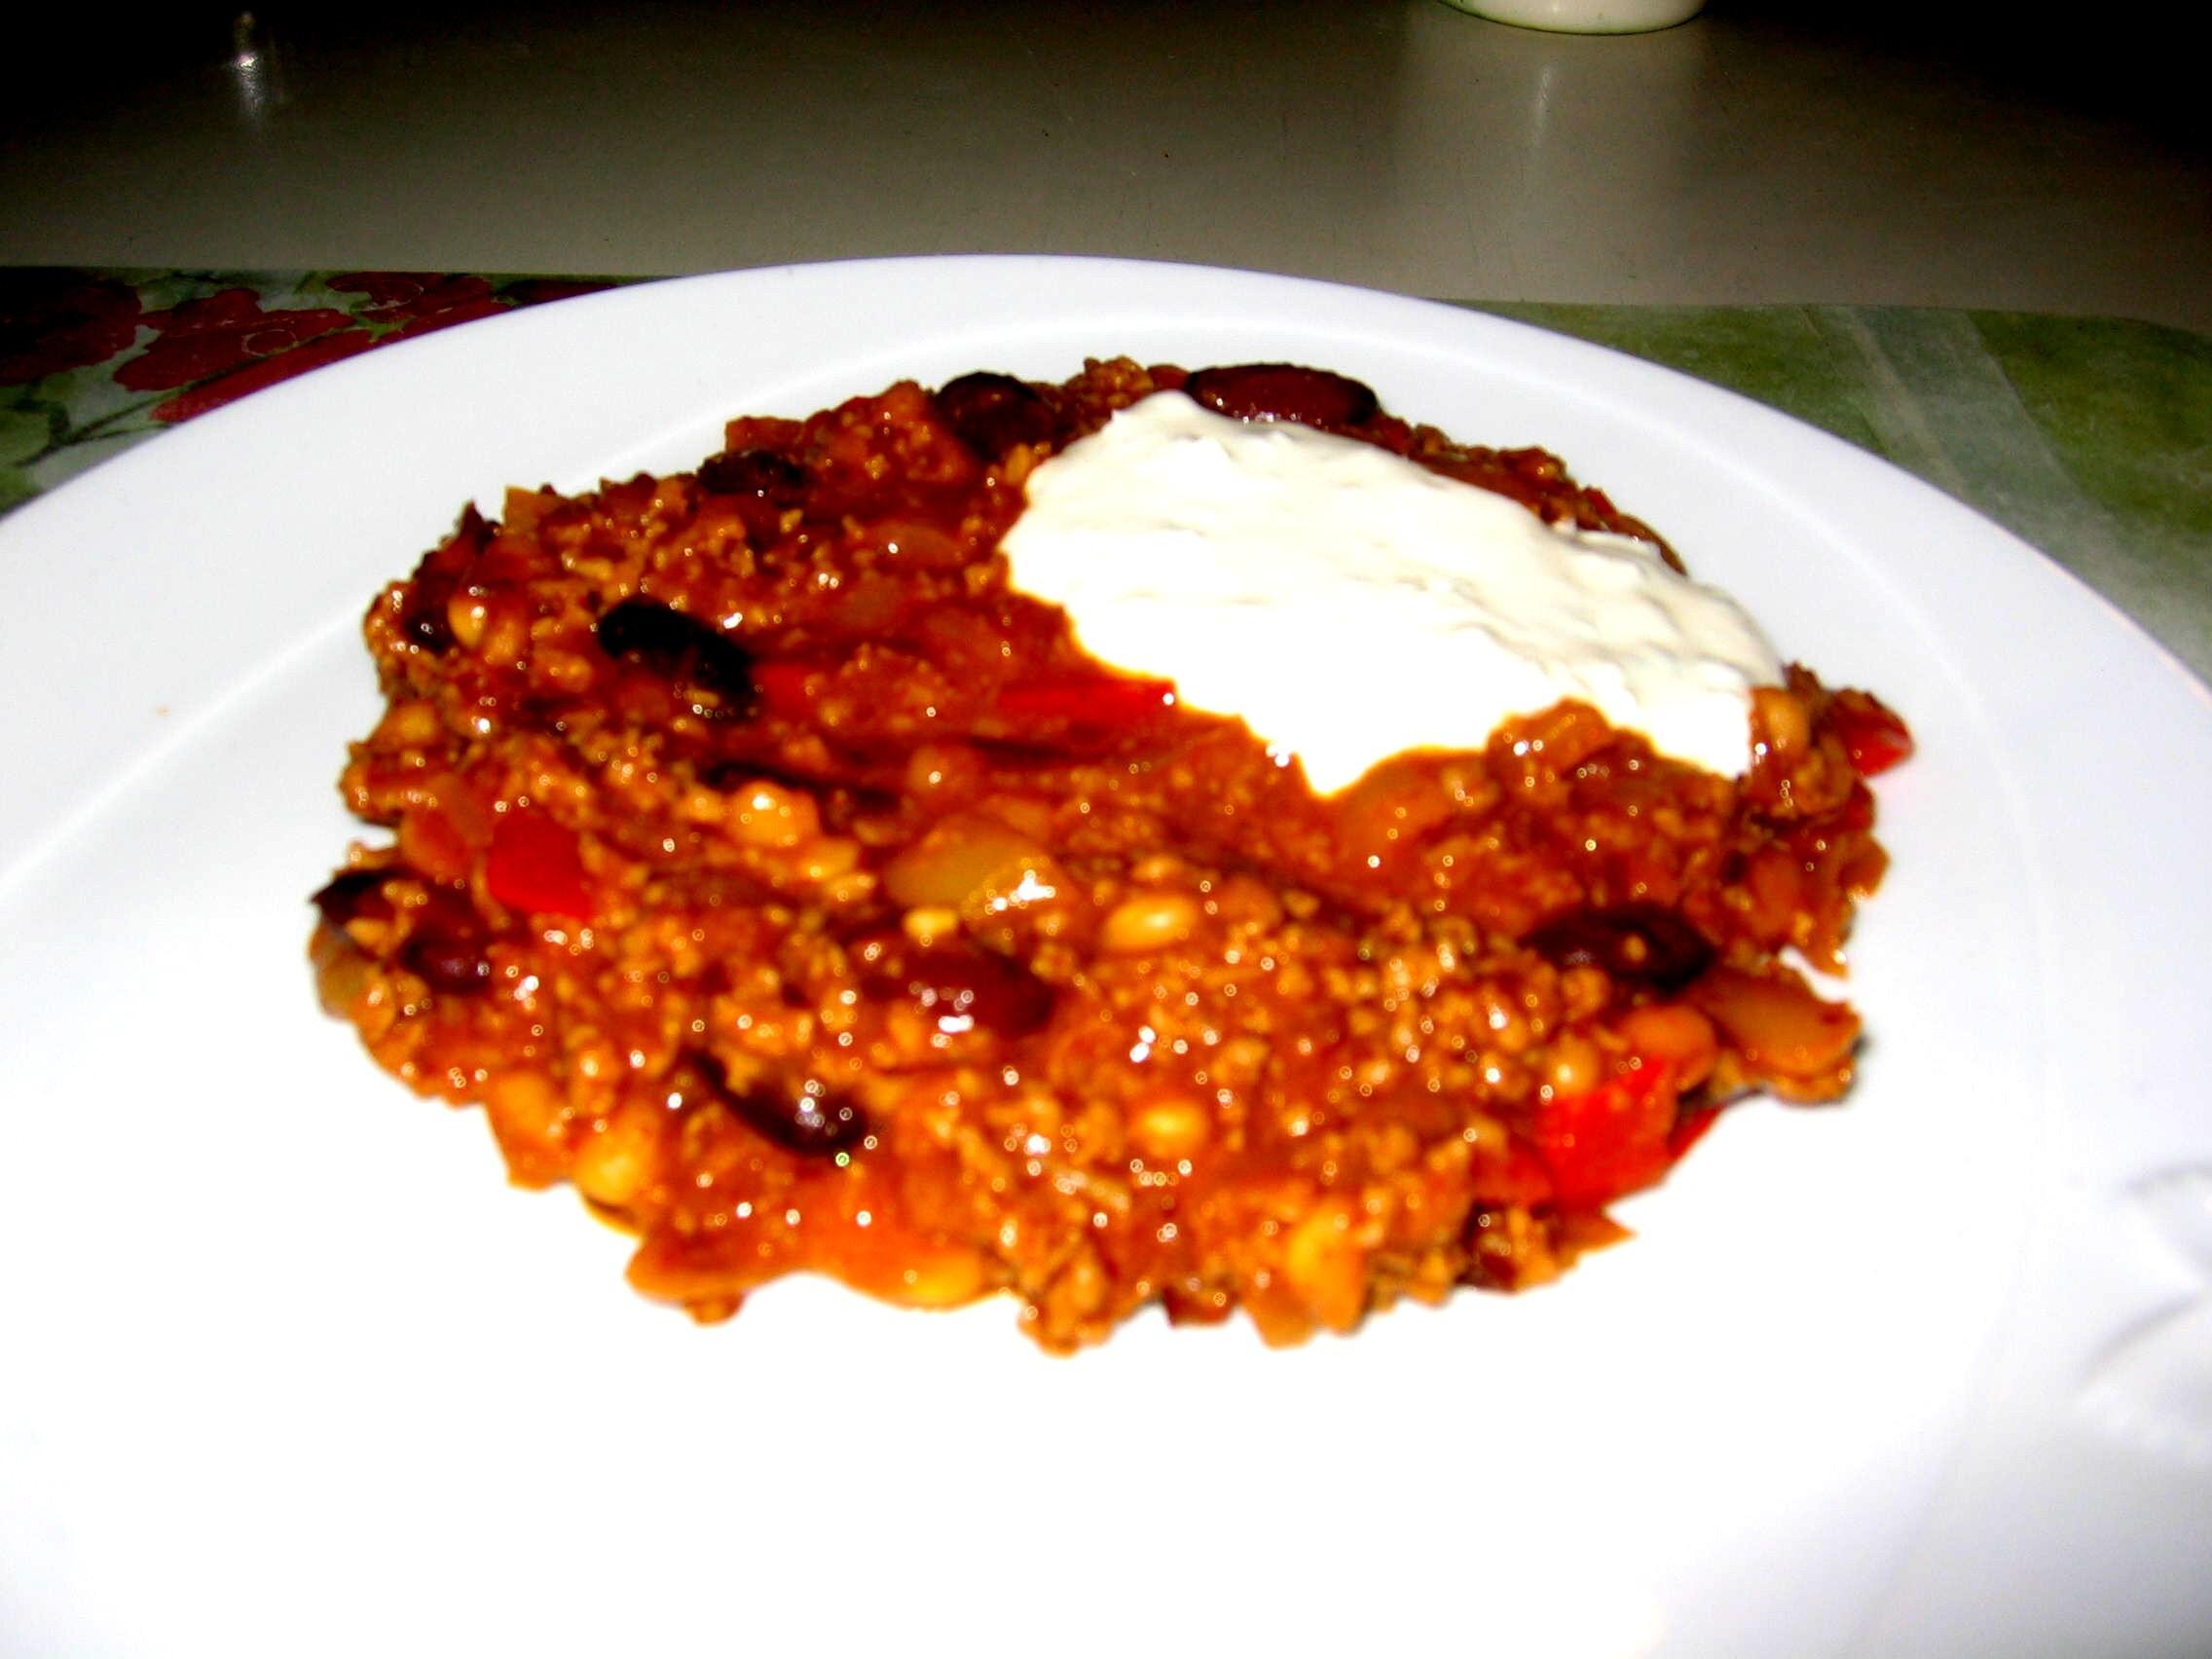 Lchf � Chili Con Carne